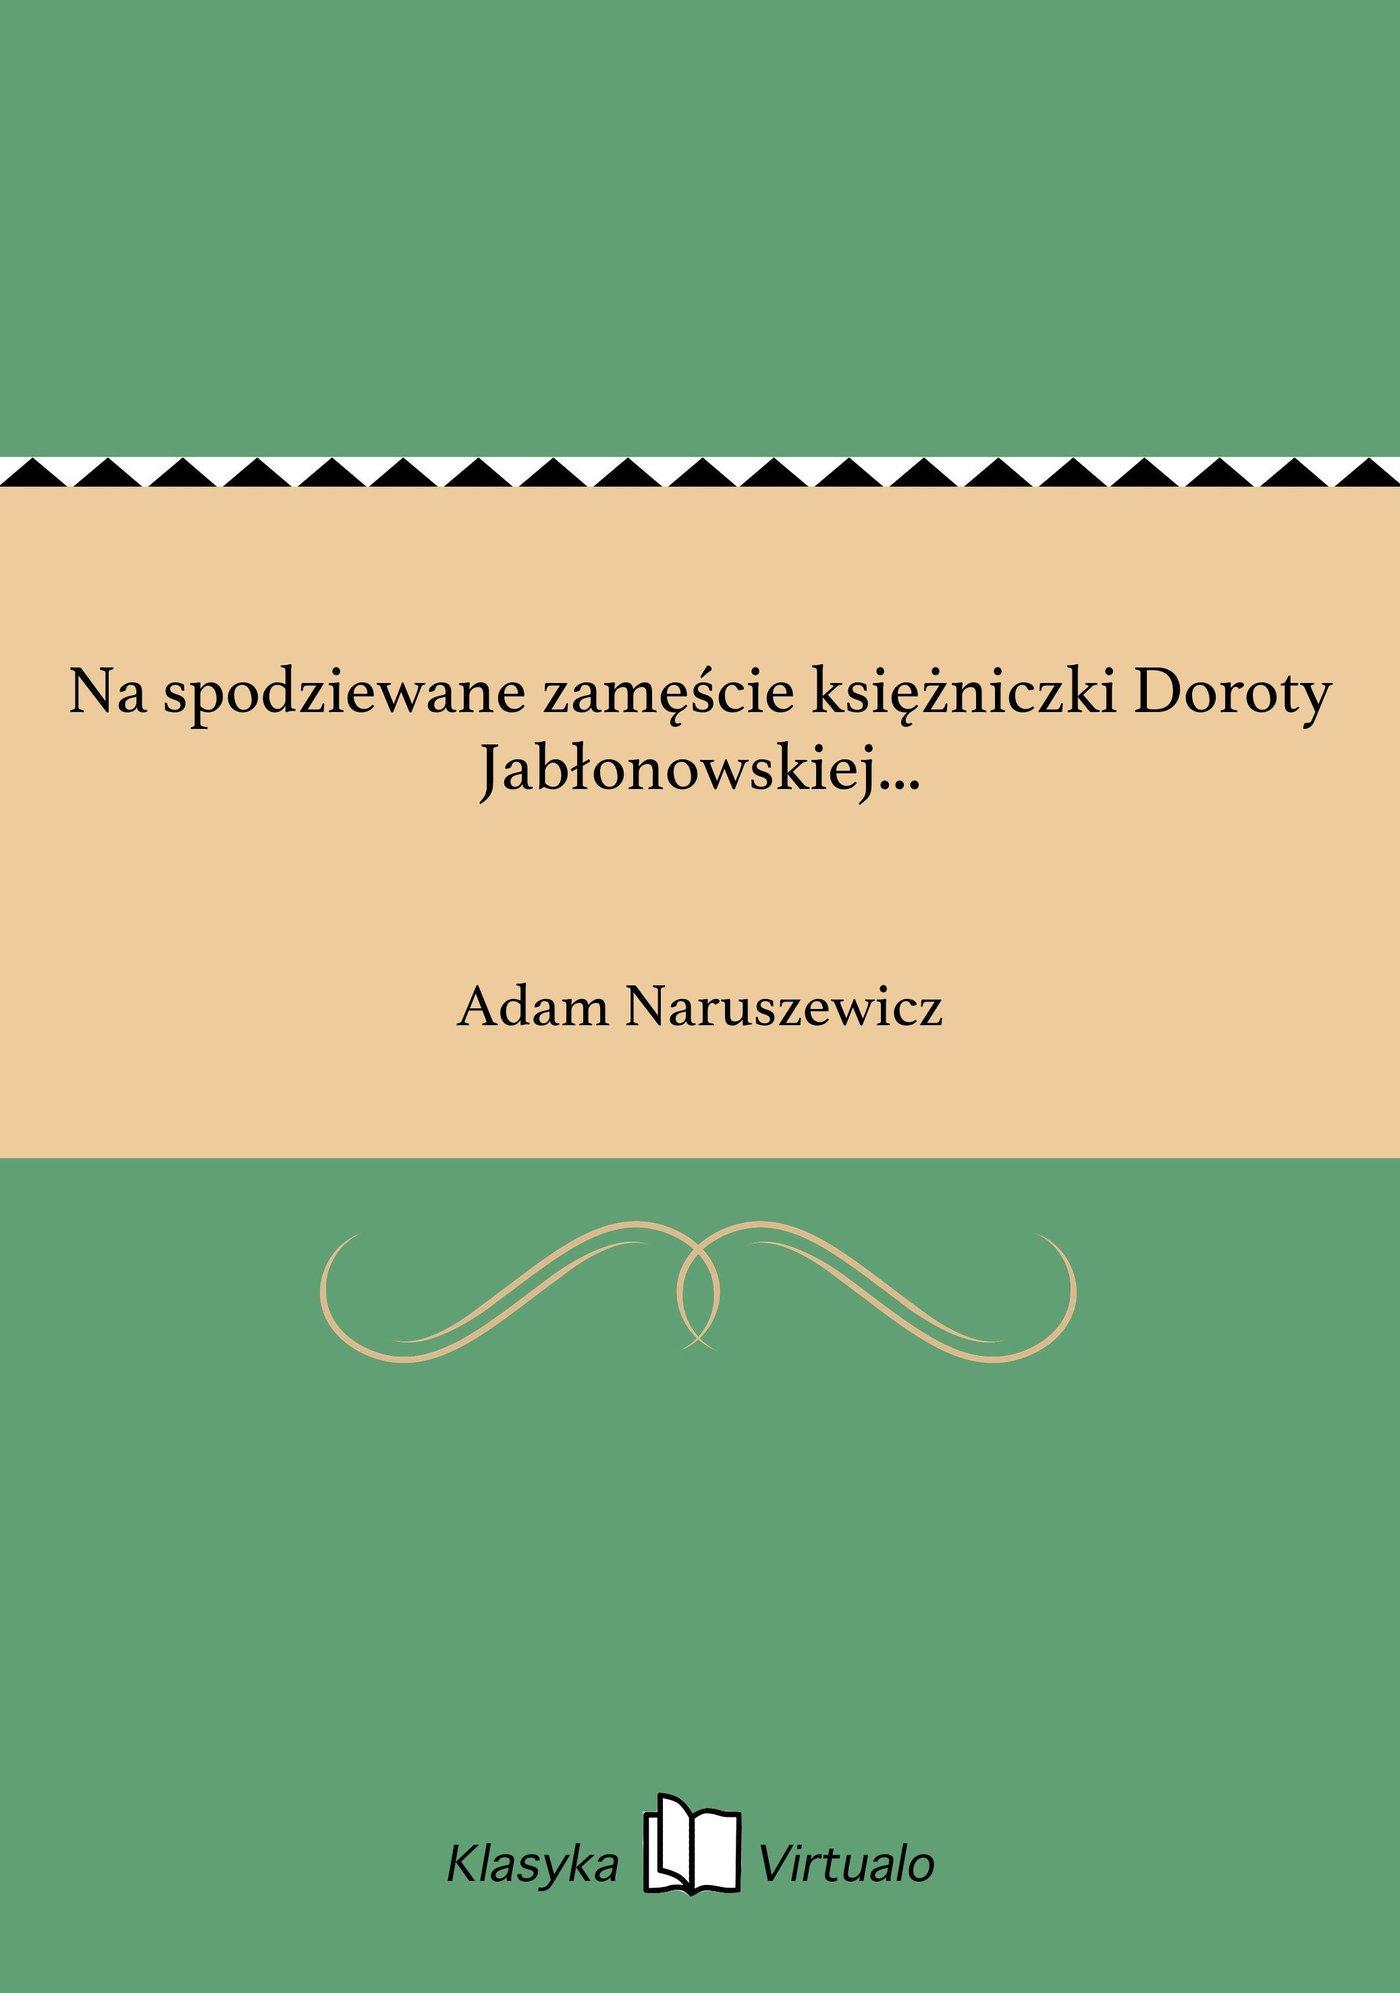 Na spodziewane zamęście księżniczki Doroty Jabłonowskiej... - Ebook (Książka EPUB) do pobrania w formacie EPUB